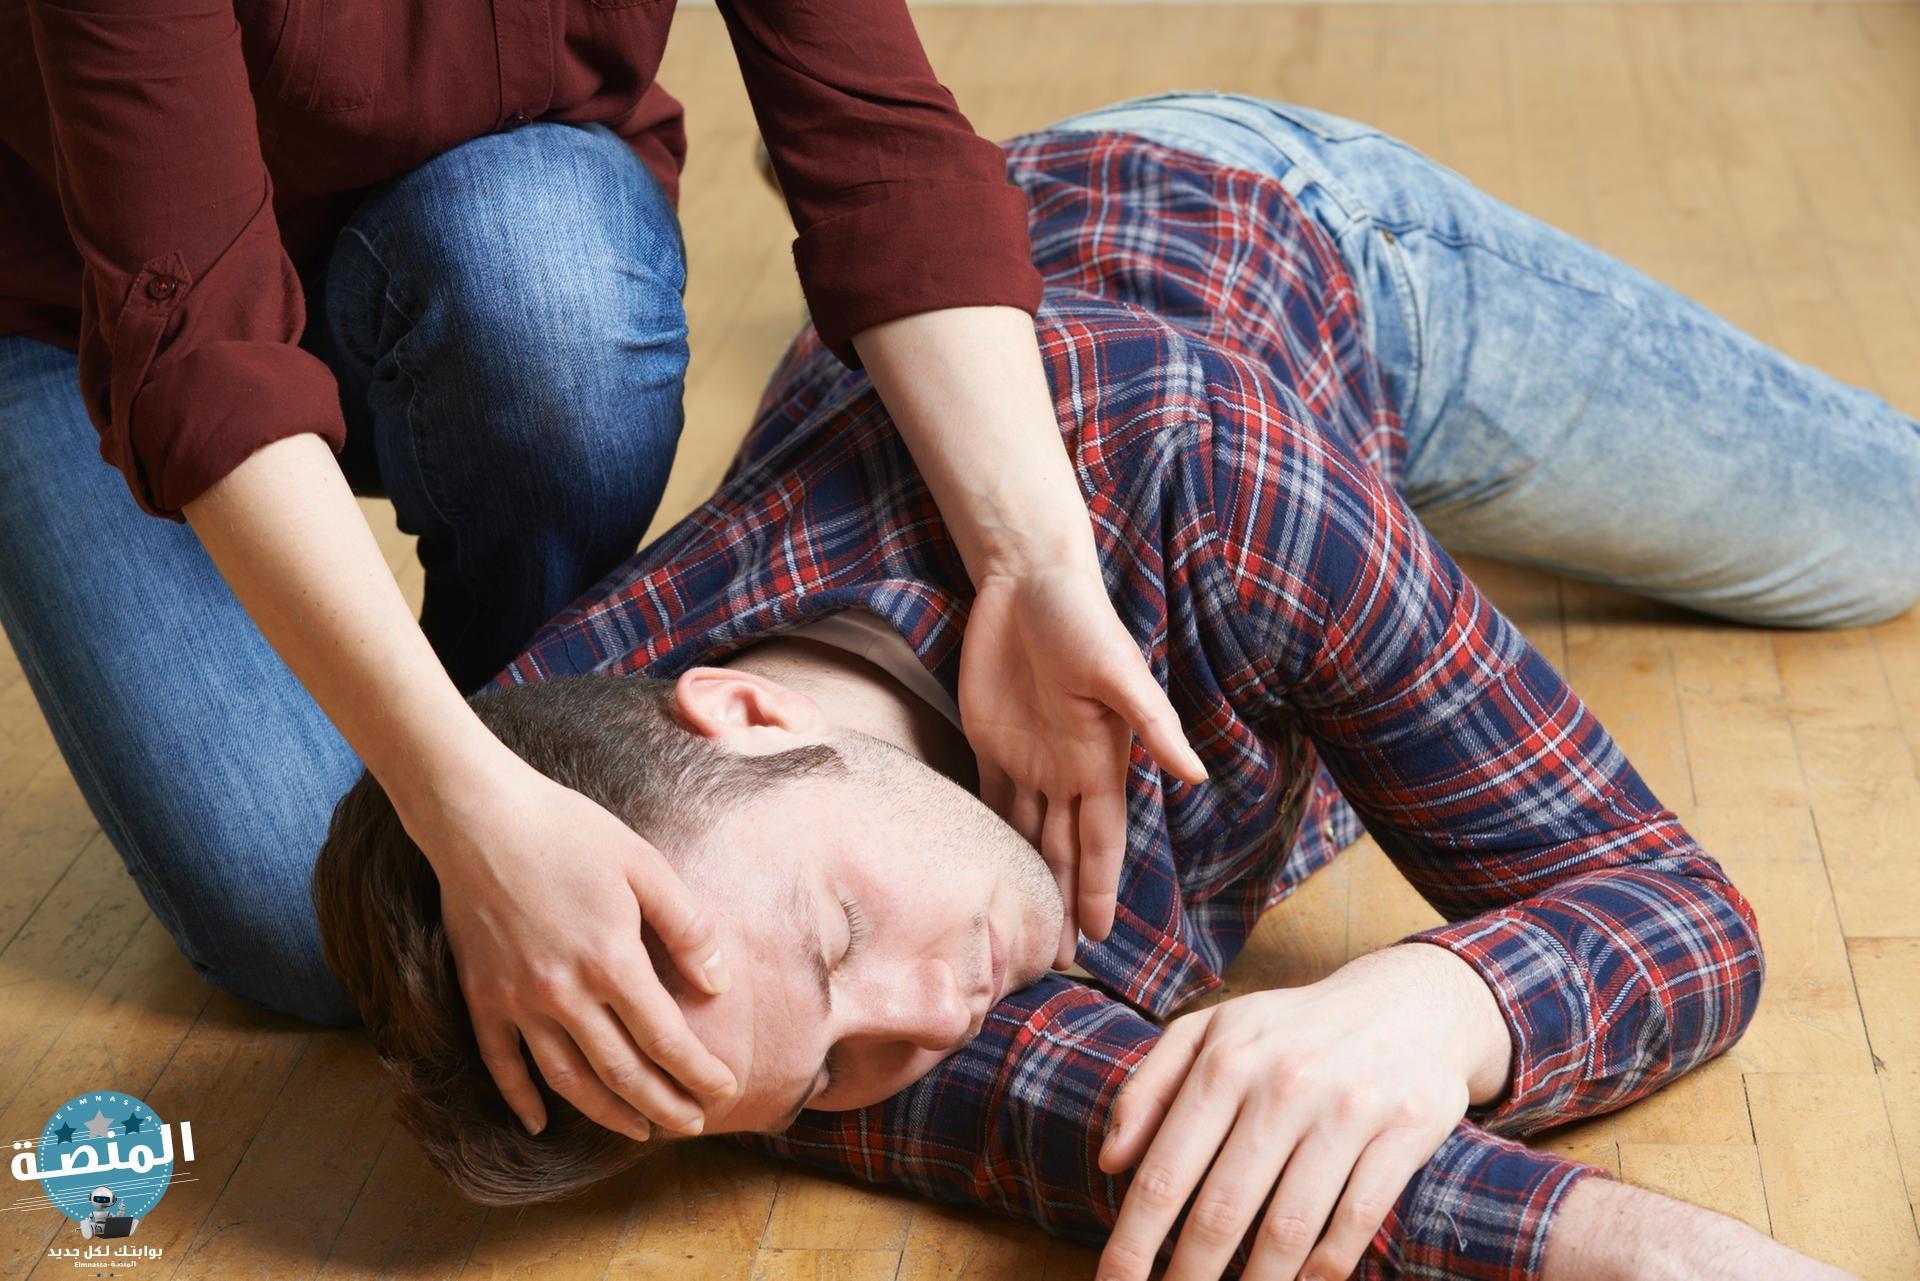 أعراض جرعة الأنسولين الزائدة